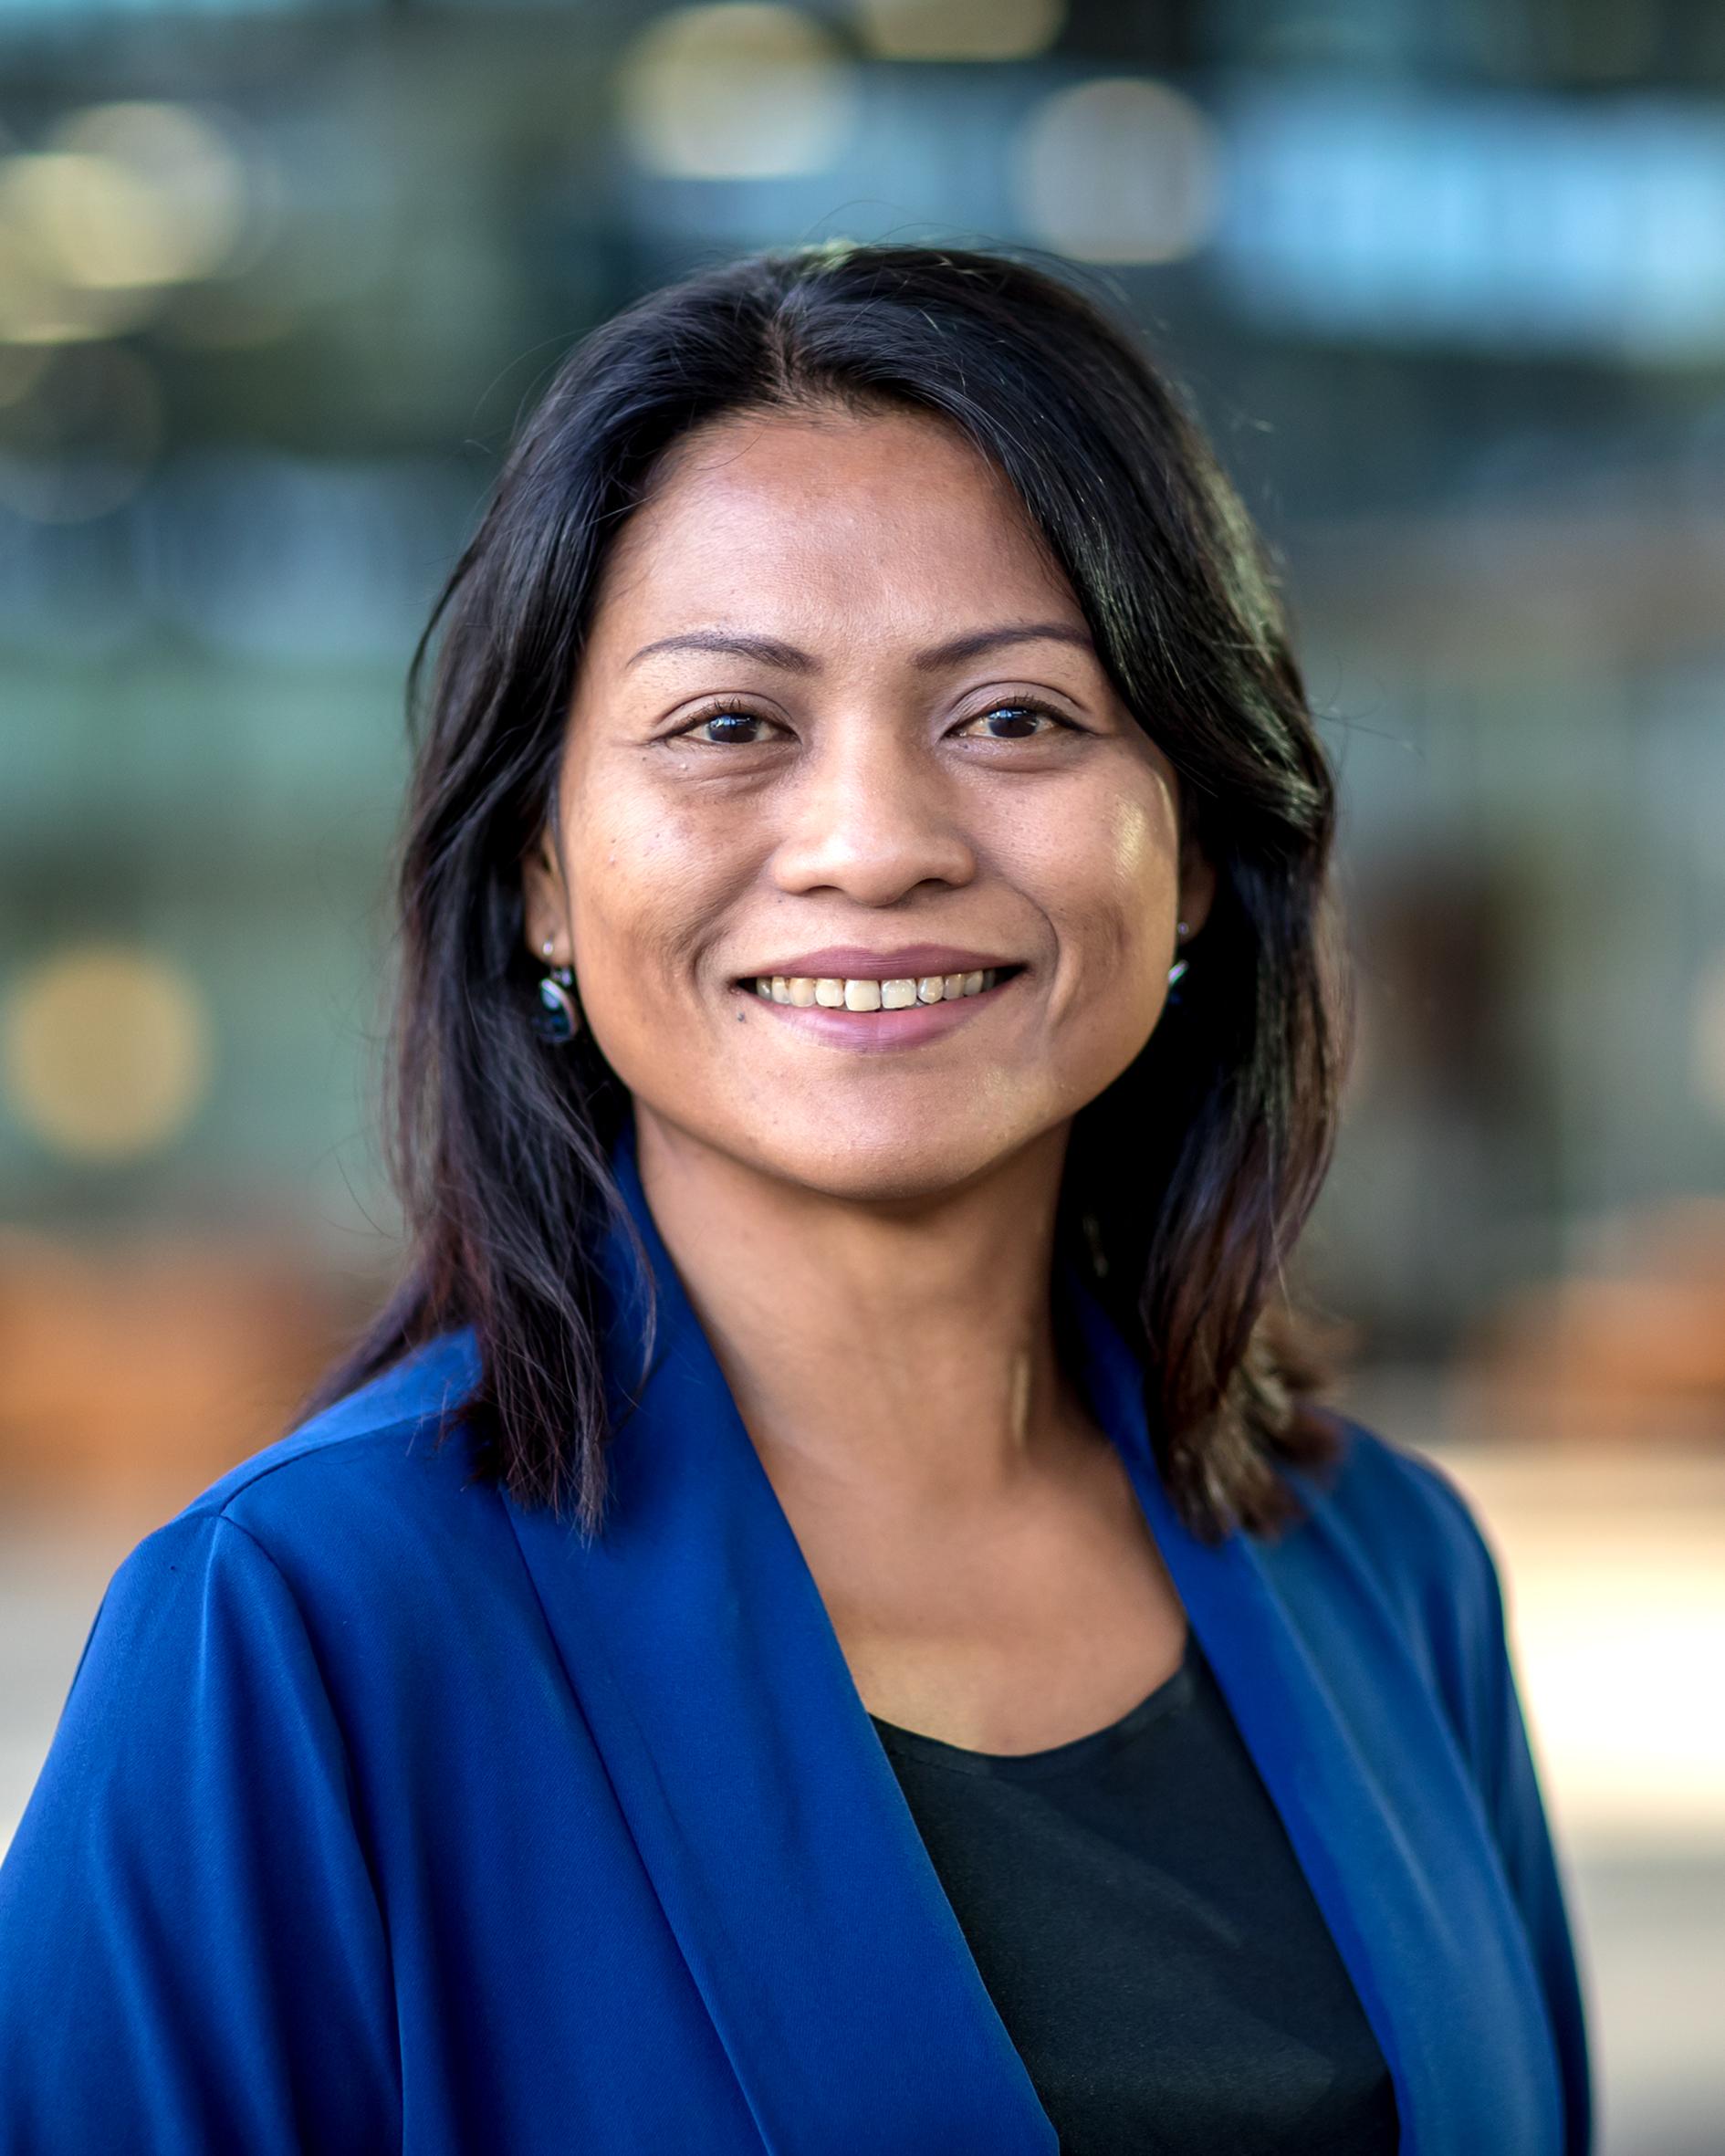 Yuana, dr. Y.